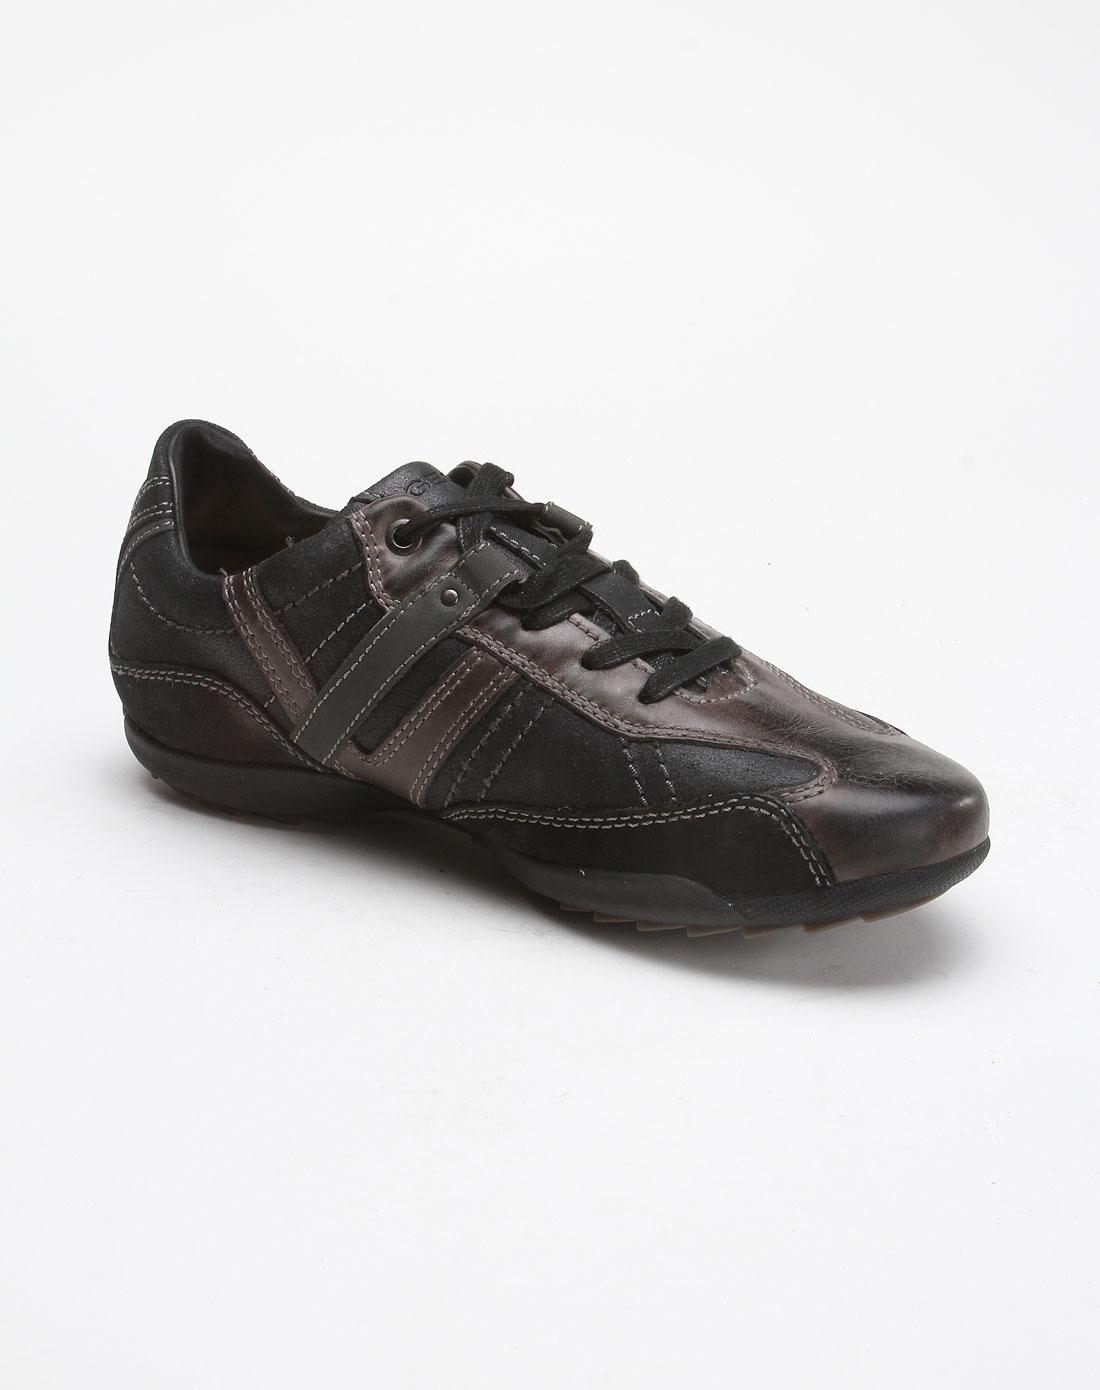 健乐士geox深灰黑色时尚拼接绑带休闲鞋u0331y023clc